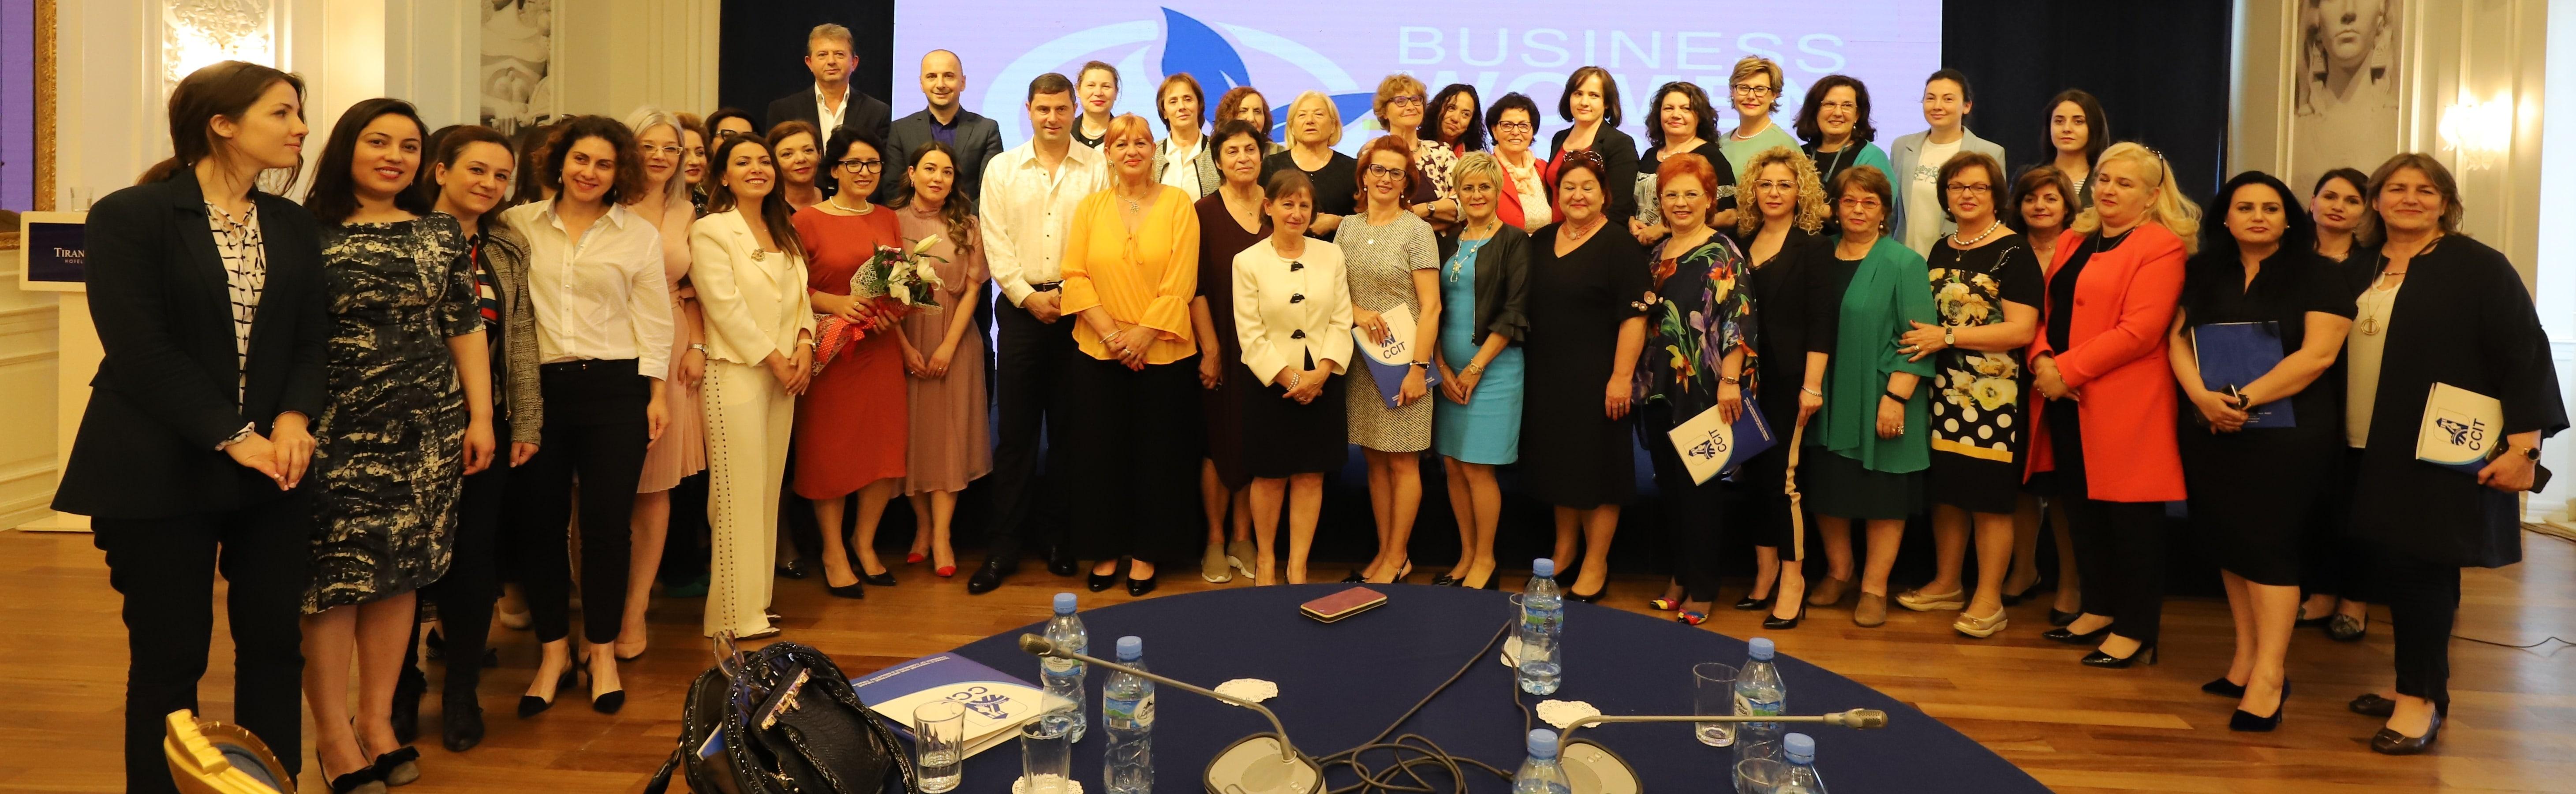 Dhoma e Tregtisë dhe Industrisë Tiranë, organizon për herë të parë Forumin e Gruas në Sipërmarrje